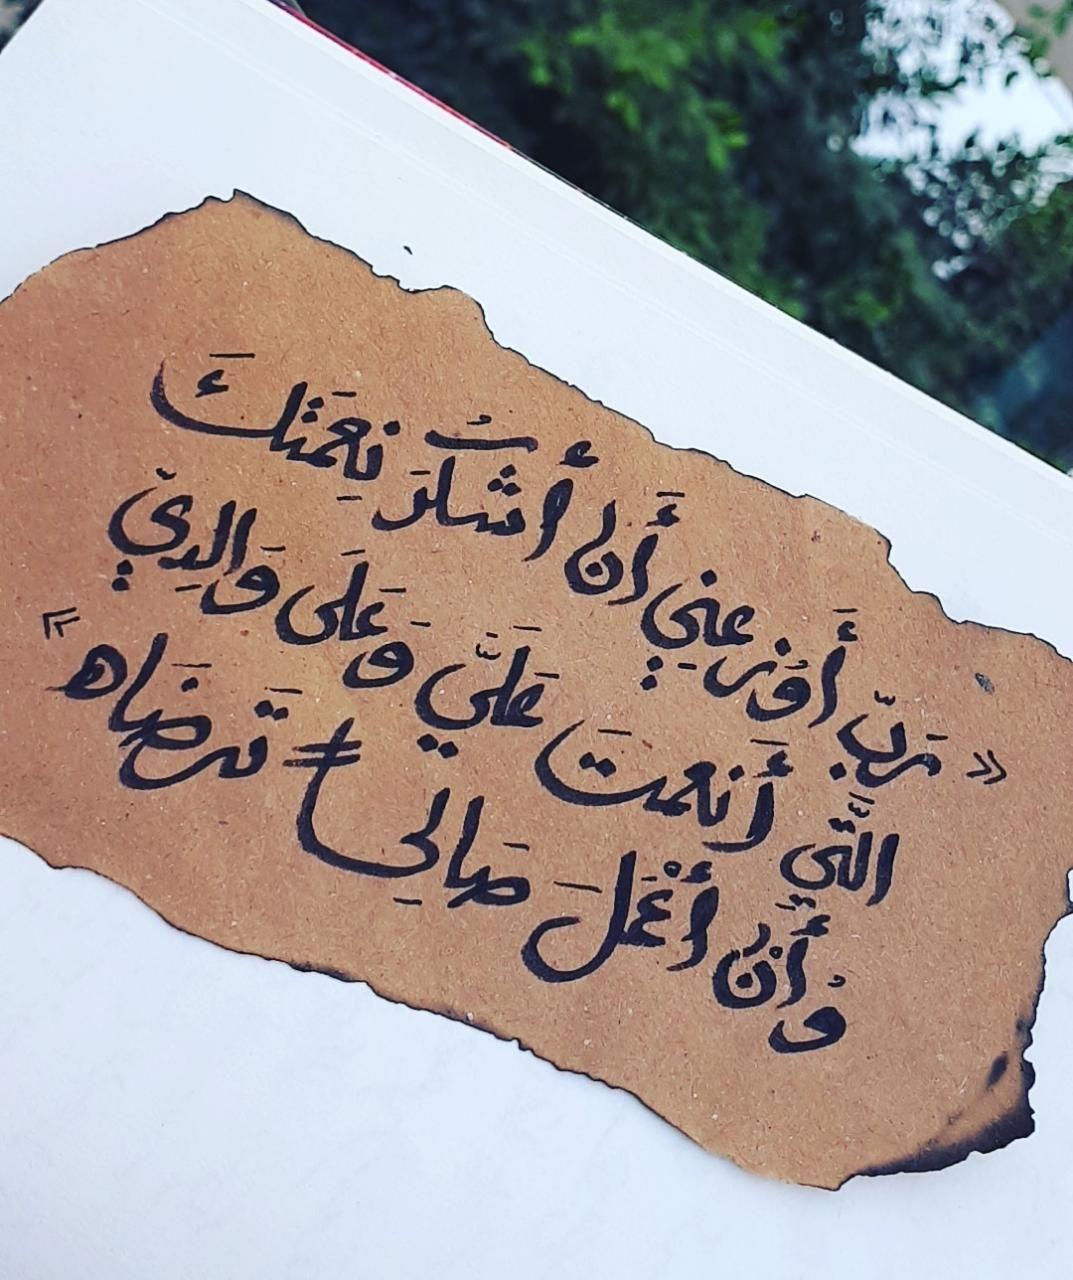 إله ي أوزعني أن أشكر نعمتك التي أنعمت علي وعلى والدي وأن أعمل صالحا ترضاه Arabic Quotes Words Life Quotes